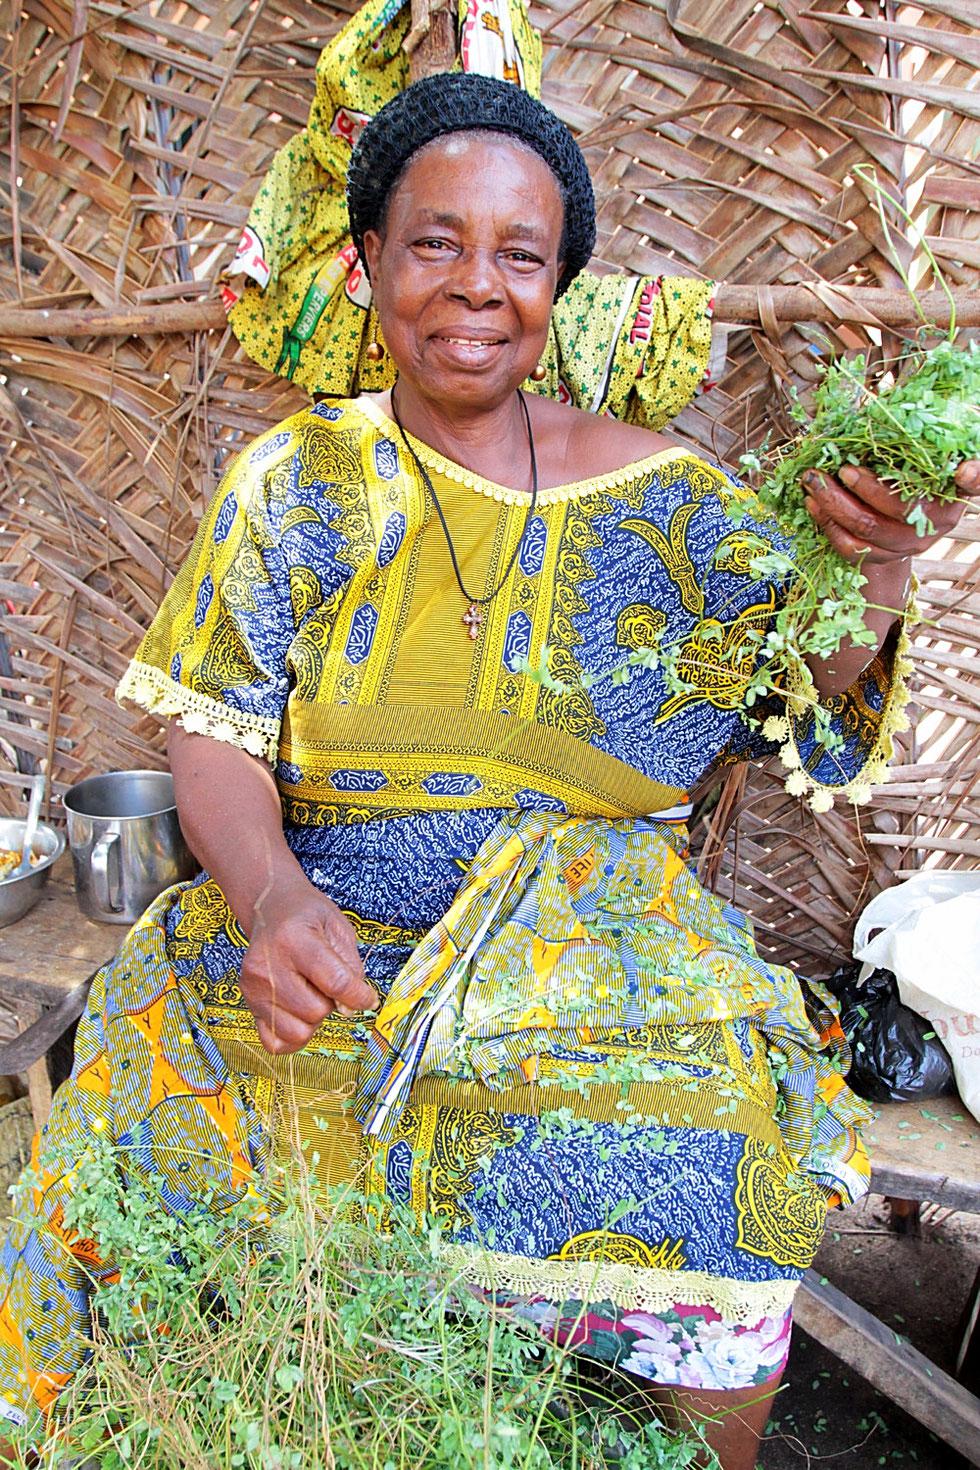 Pharmacopée traditionnelle. Herbes médicinales. Lomé. Togo.